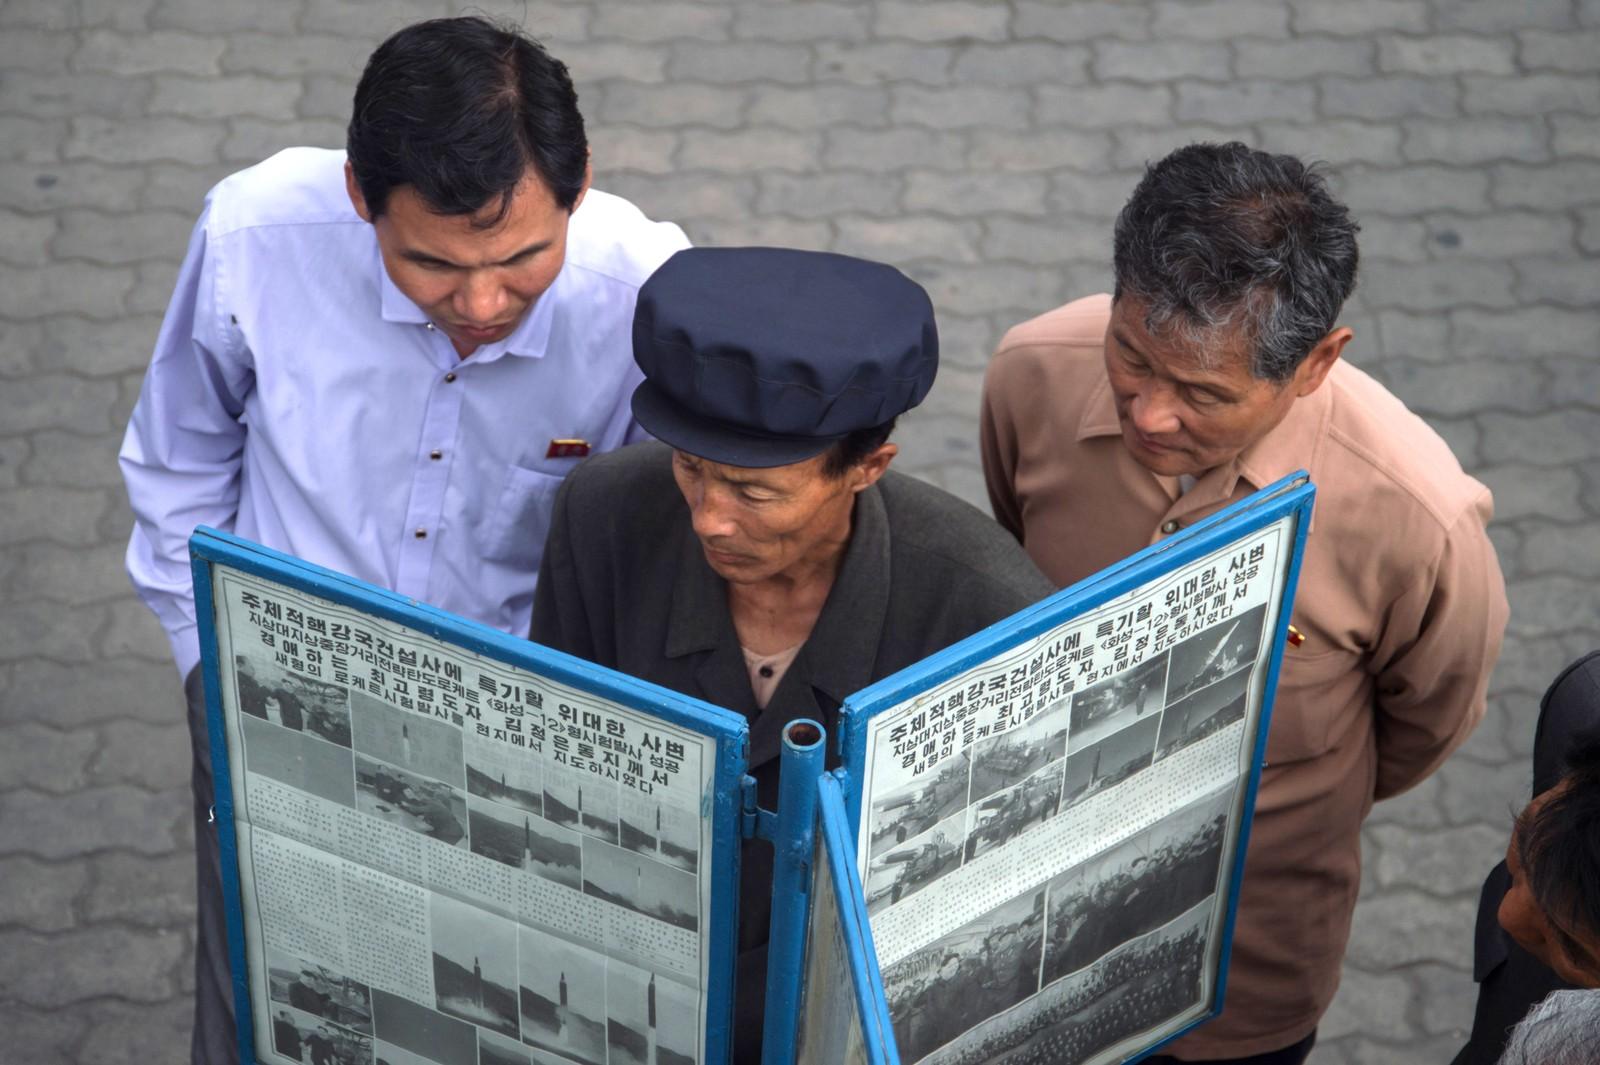 Mennesker samler seg rundt et nyhetsstativ for å lese om oppskytingen av en ballistisk missil dagen før i den nordkoreanske avisen Rodong Sinmun. Bildet er tatt i Pyongyang den 15. mai.